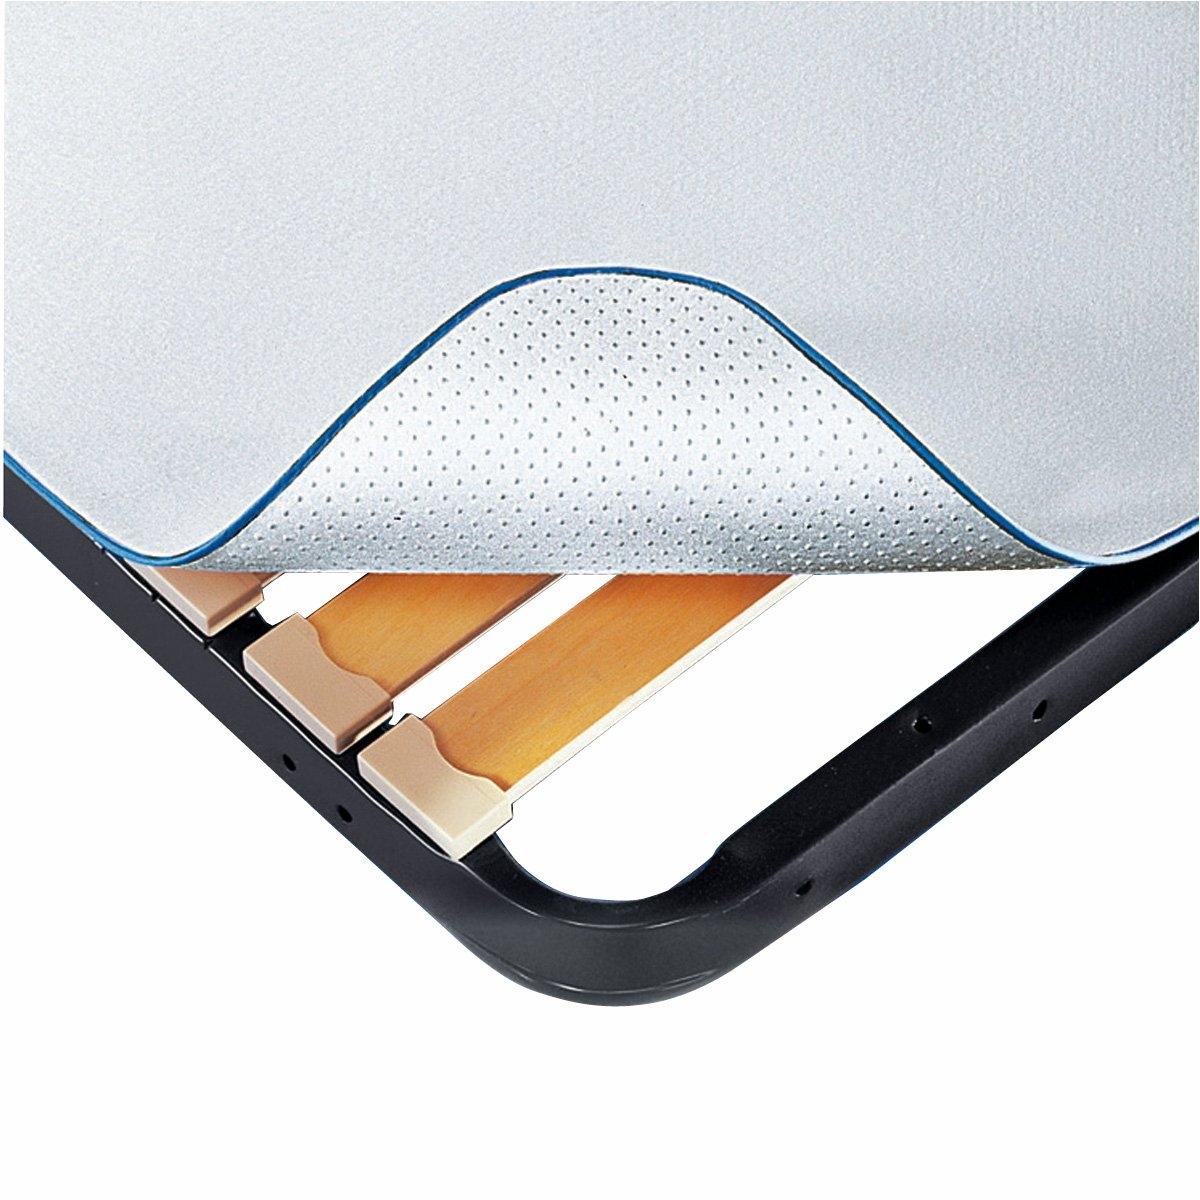 Защитная подкладка под матрасПредназначена для кроватей с ламелями и одновременно продлевает срок службы вашего матраса .  Обеспечивает циркуляцию воздуха, предупреждая скопление влаги   .Описание :Безопасная для человека и окружающей среды обработка Aegis® защищает от бактерий, клещей и плесени Характеристики :Материал из 100% полиэстера (580 г/м?). Одна сторона покрыта мягкими зубчиками, не позволяющими матрасу скользить по каркасу кровати и защищающими его от преждевременного износа Машинная стирка при 60 °СБиоцидная обработка  Откройте для себя нашу коллекцию постельных принадлежностей на сайте laredoute.ru<br><br>Цвет: белый<br>Размер: 140 x 190 см.80 x 200 см